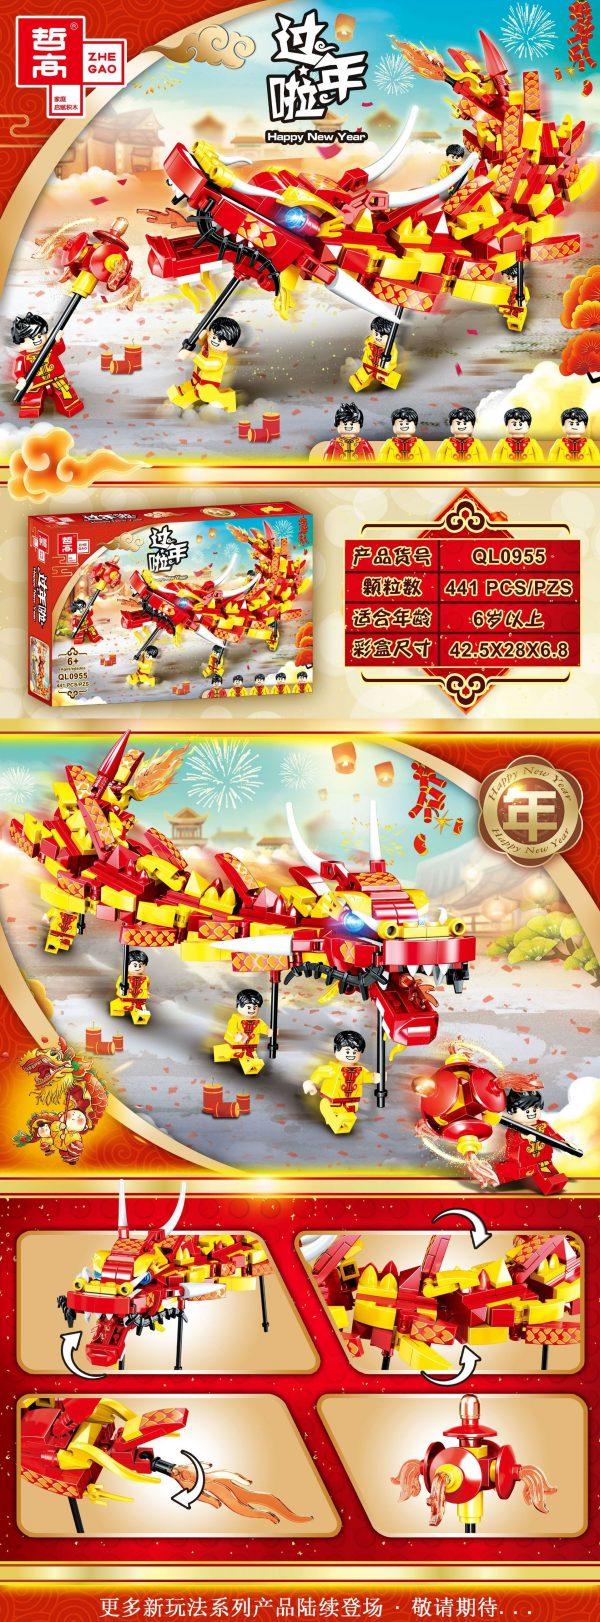 ZHEGAO QL0955 New Year's Day: Dragon Dance 2